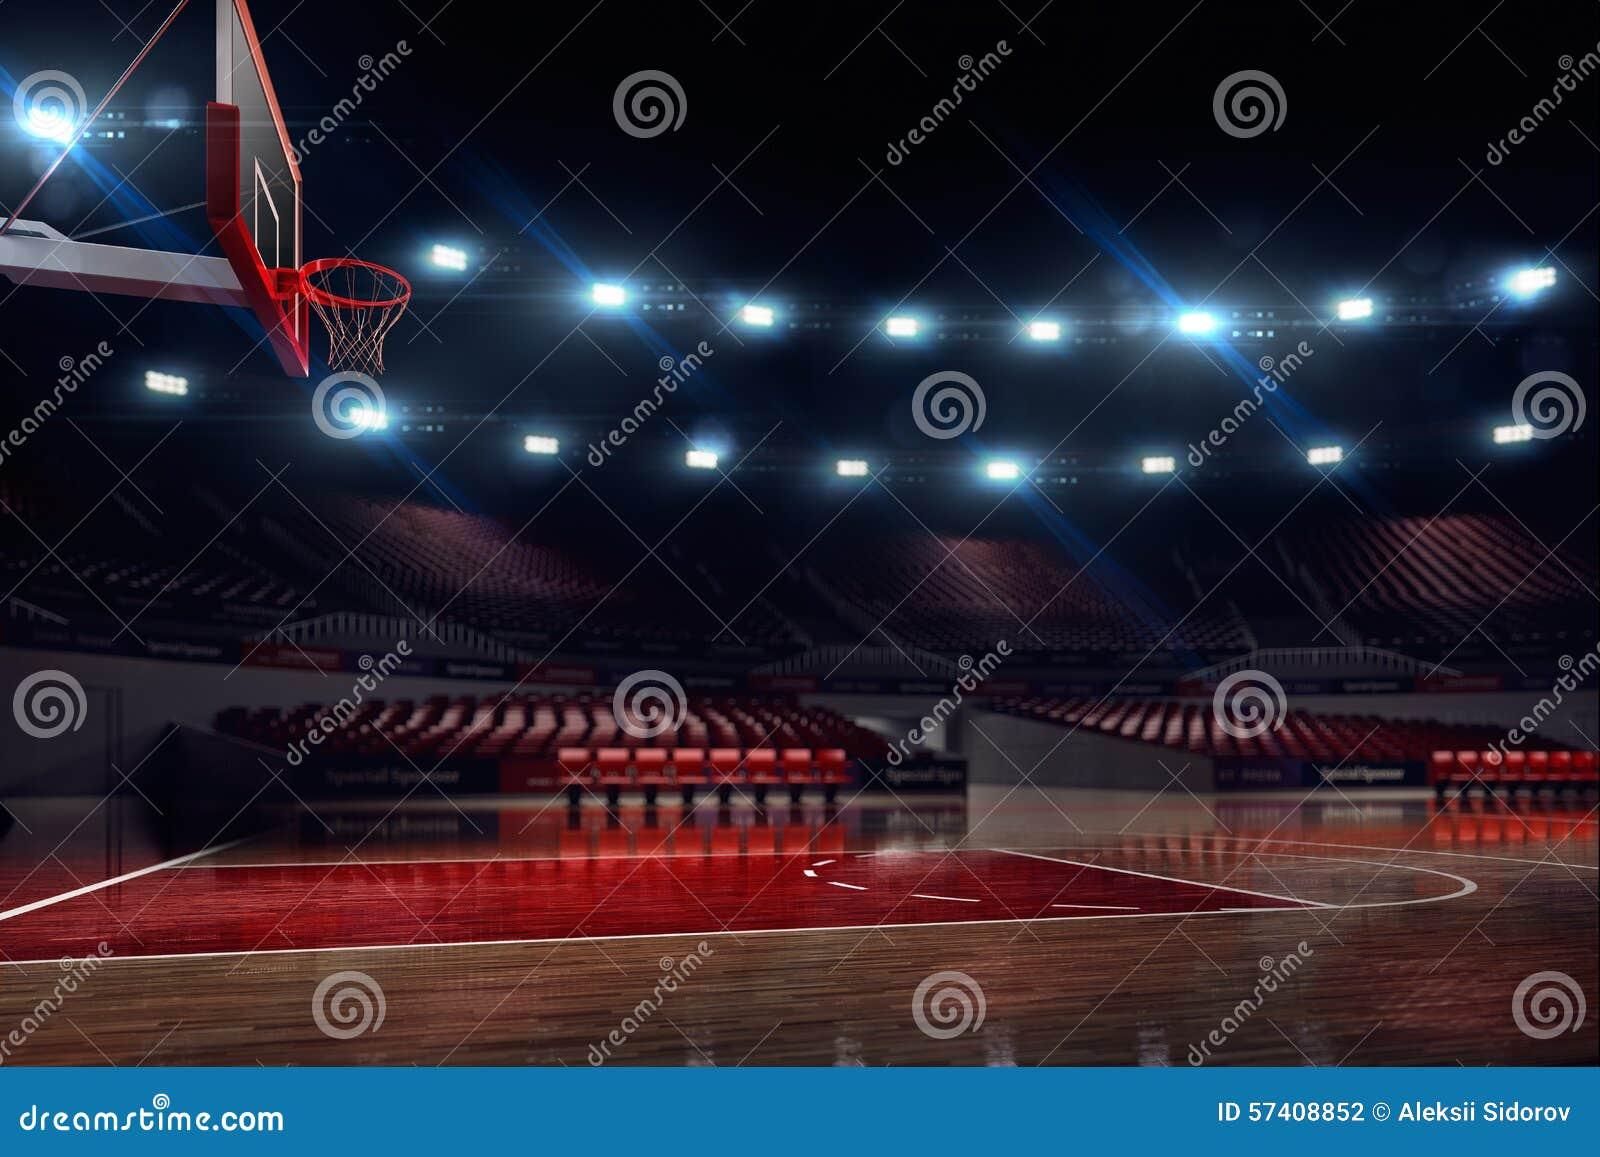 Boisko do koszykówki jeżeli ilustracja stadion sportowy arena deszczu